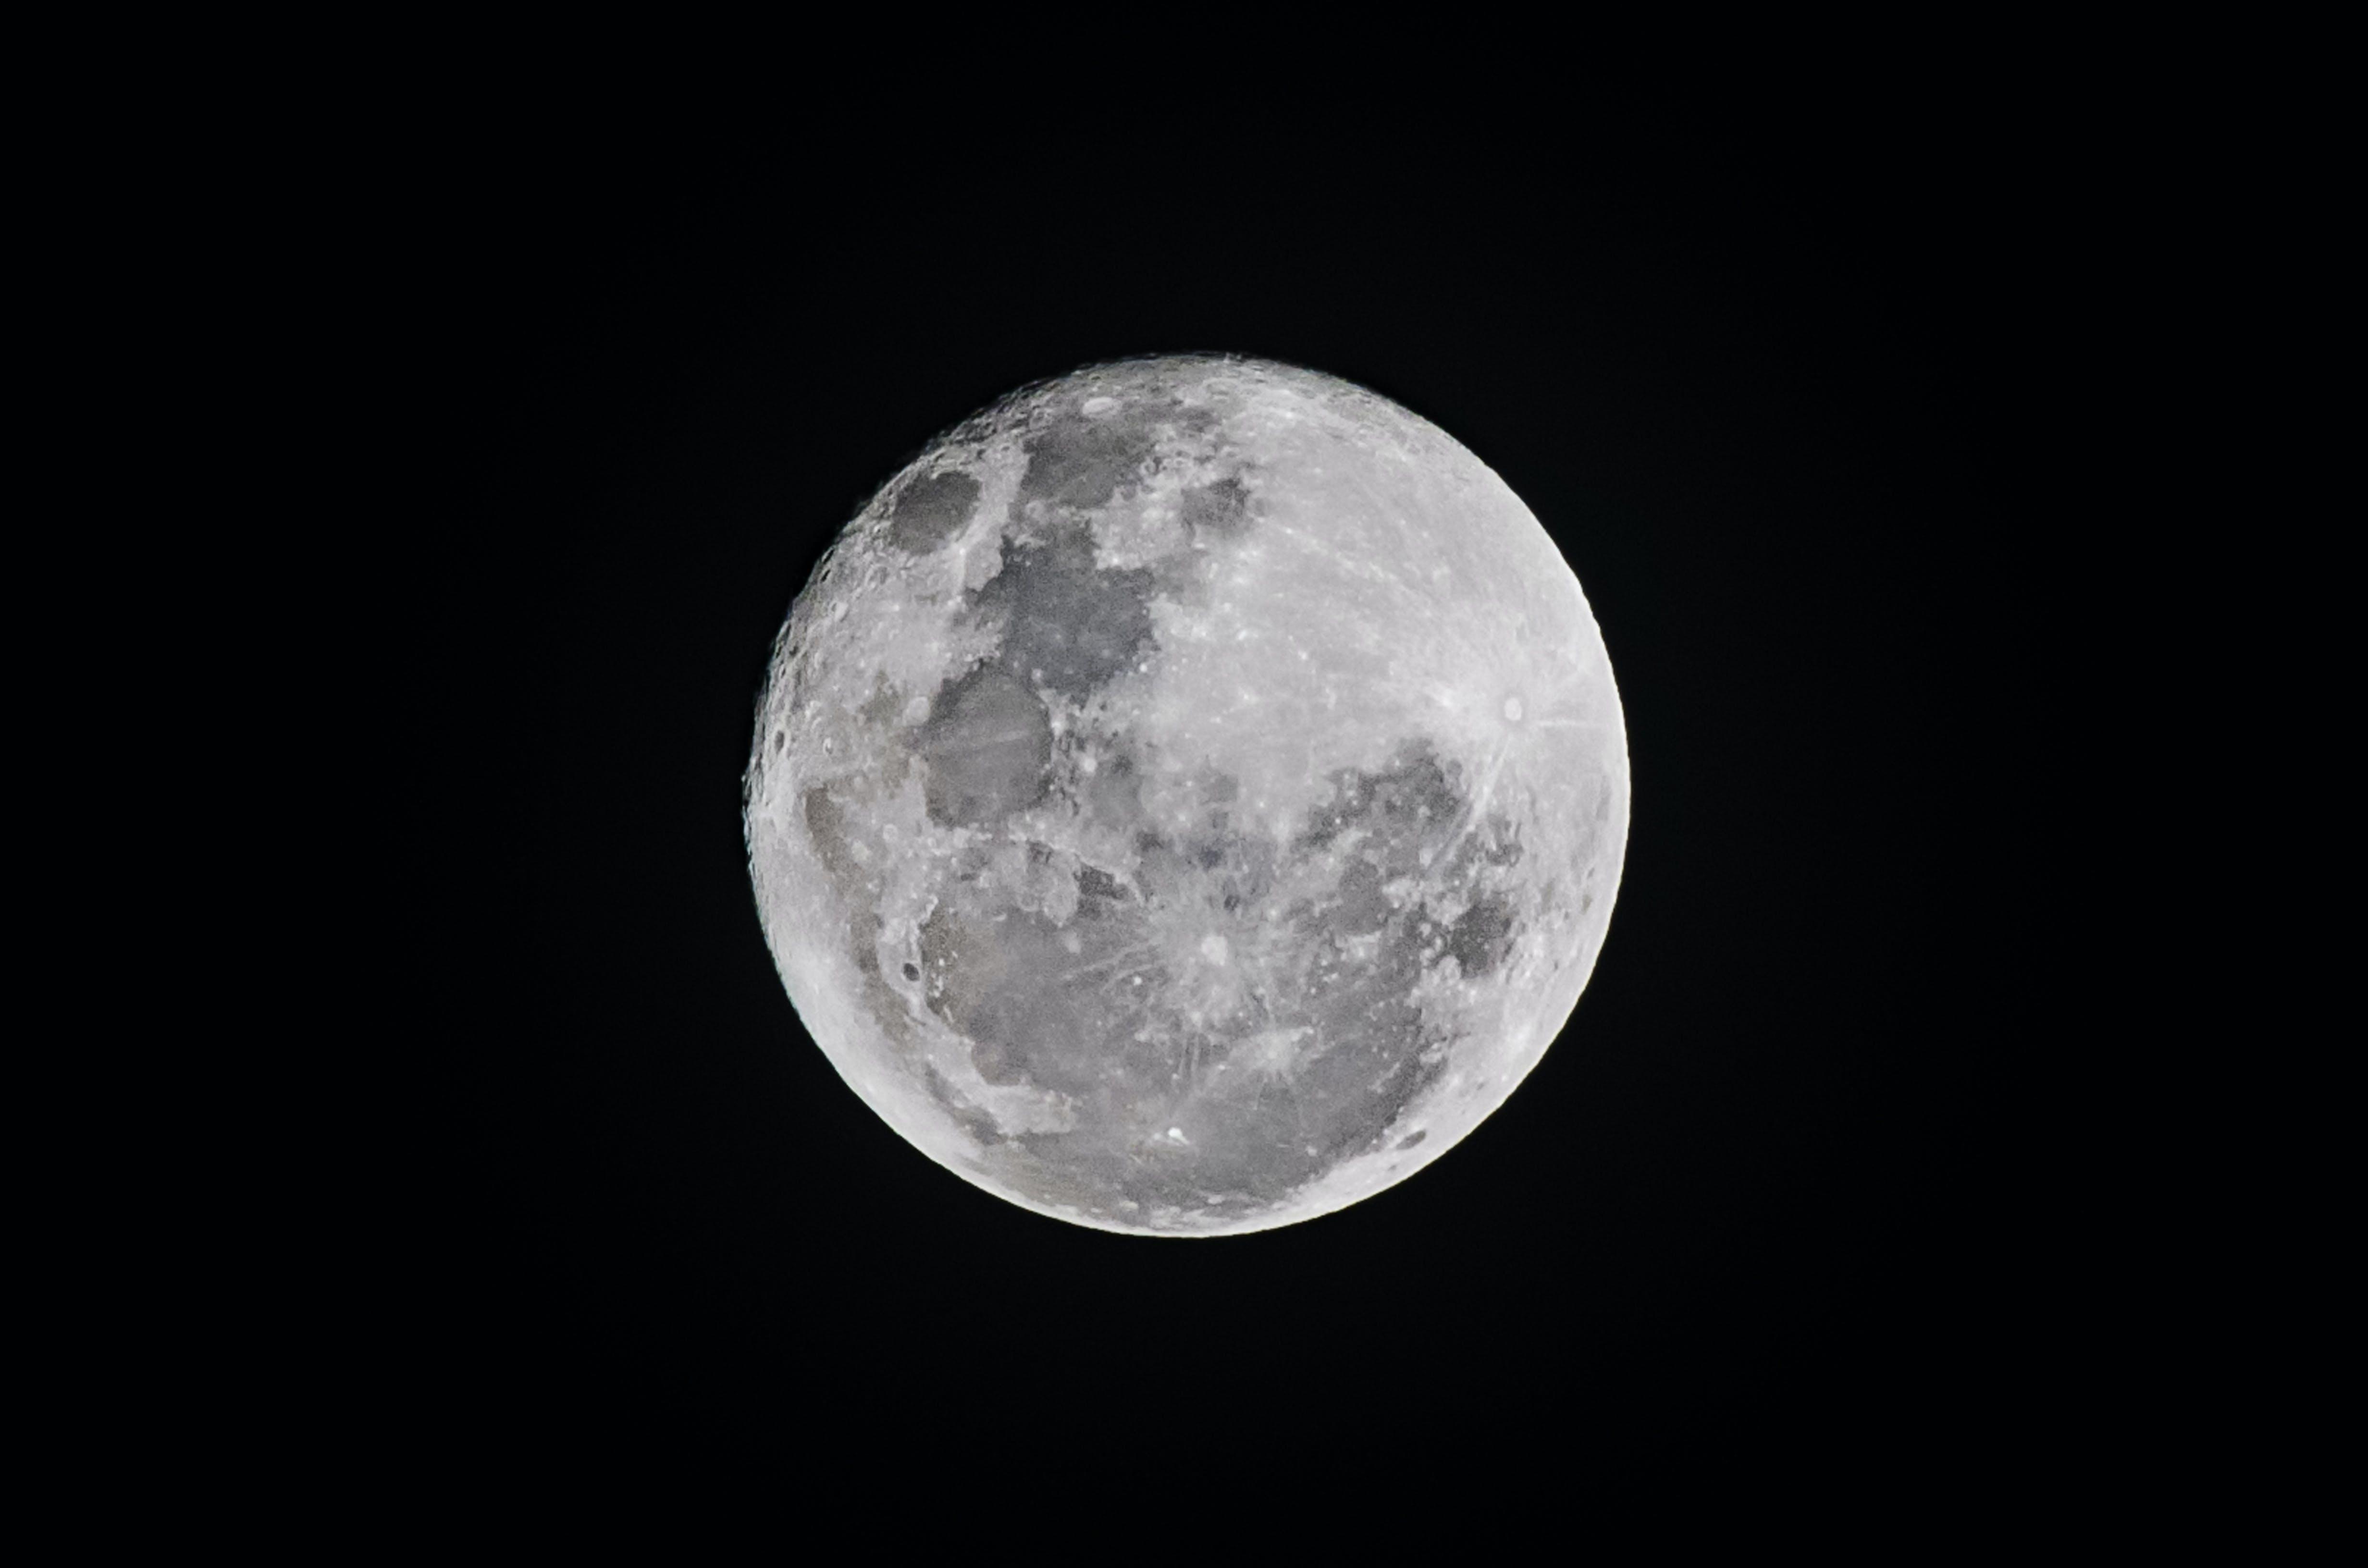 Gratis stockfoto met astronomie, avond, donker, eenkleurig